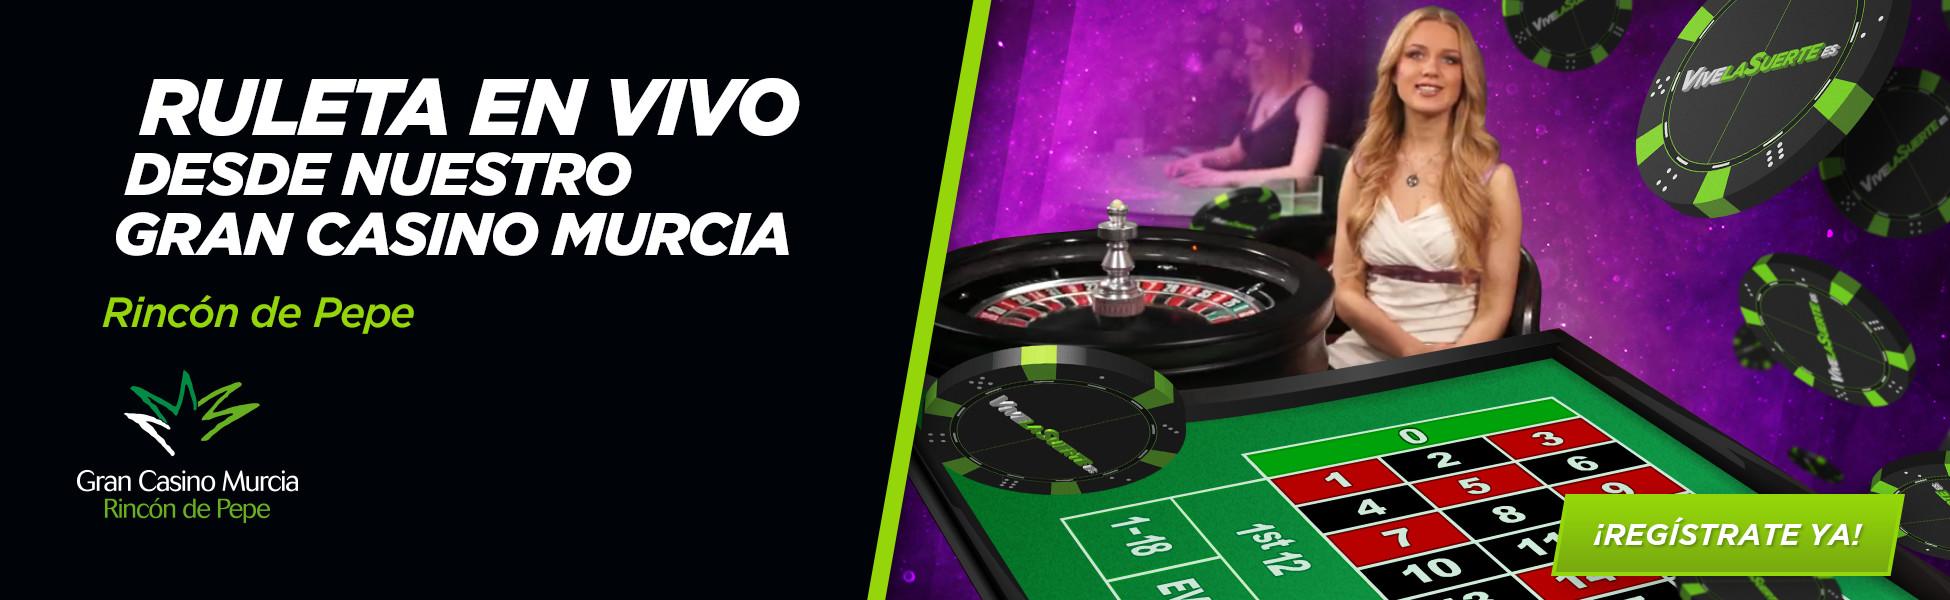 Ruleta en vivo gratis juegos SlotJoint com-639393